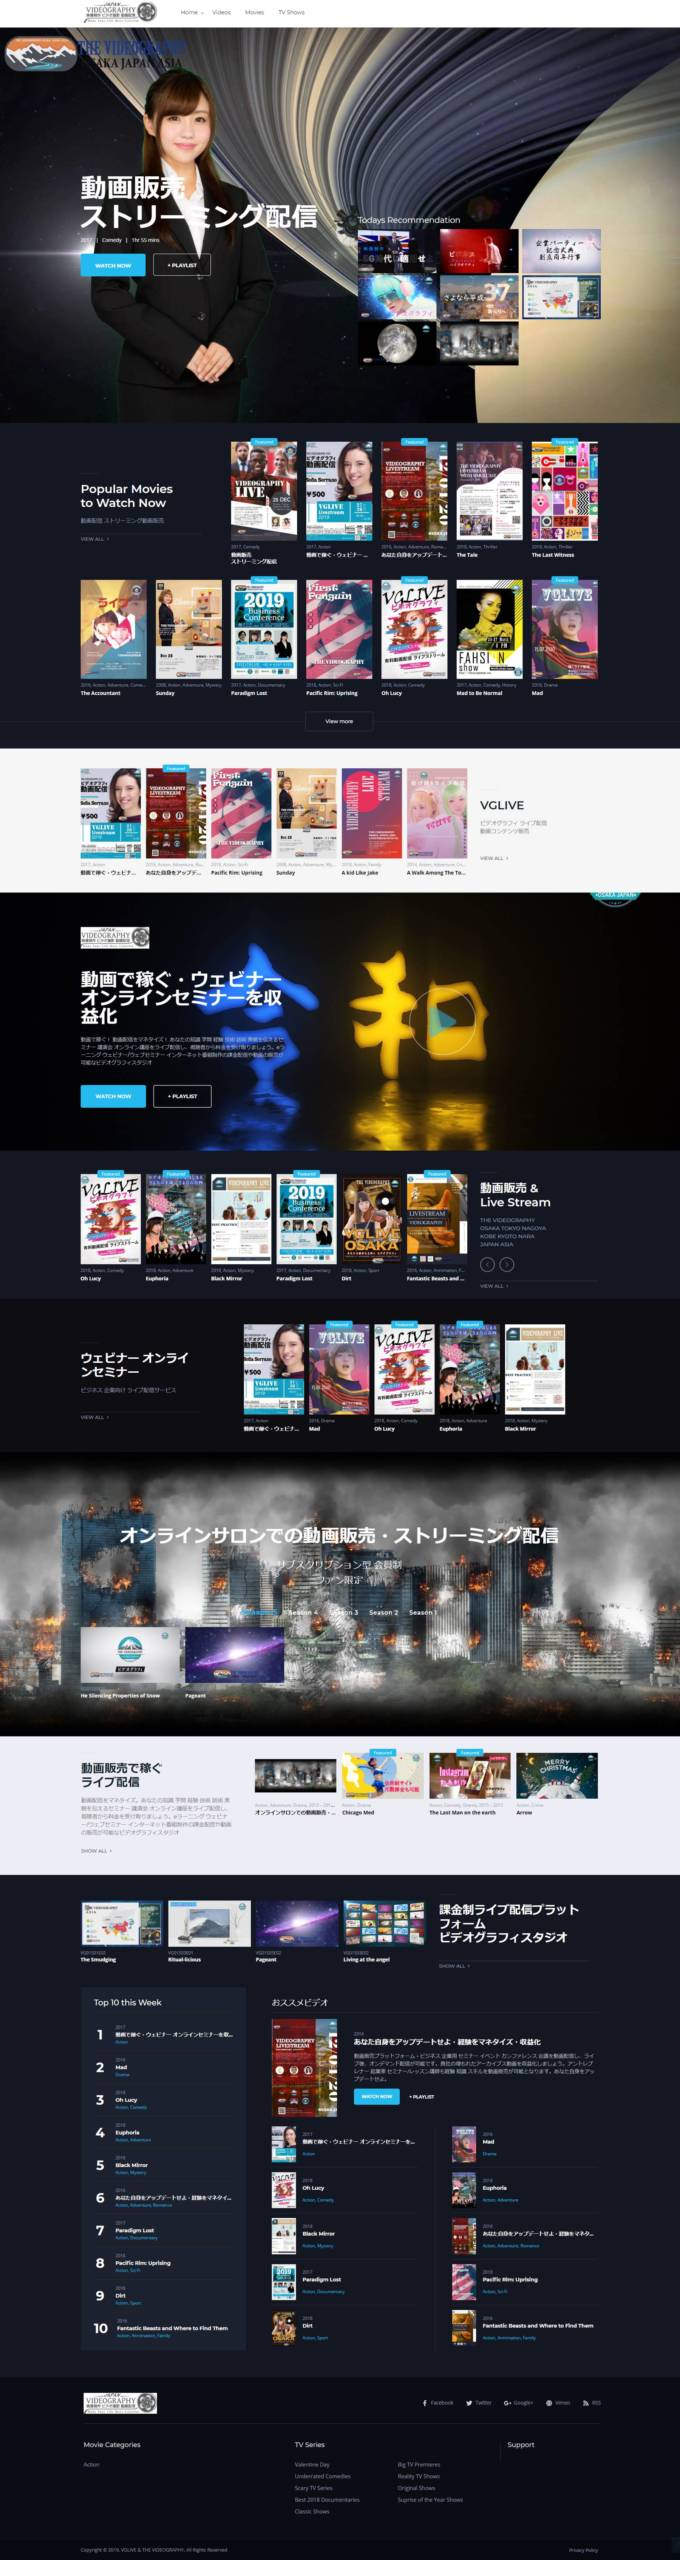 課金制ライブ配信プラットフォーム・ビデオグラフィスタジオ